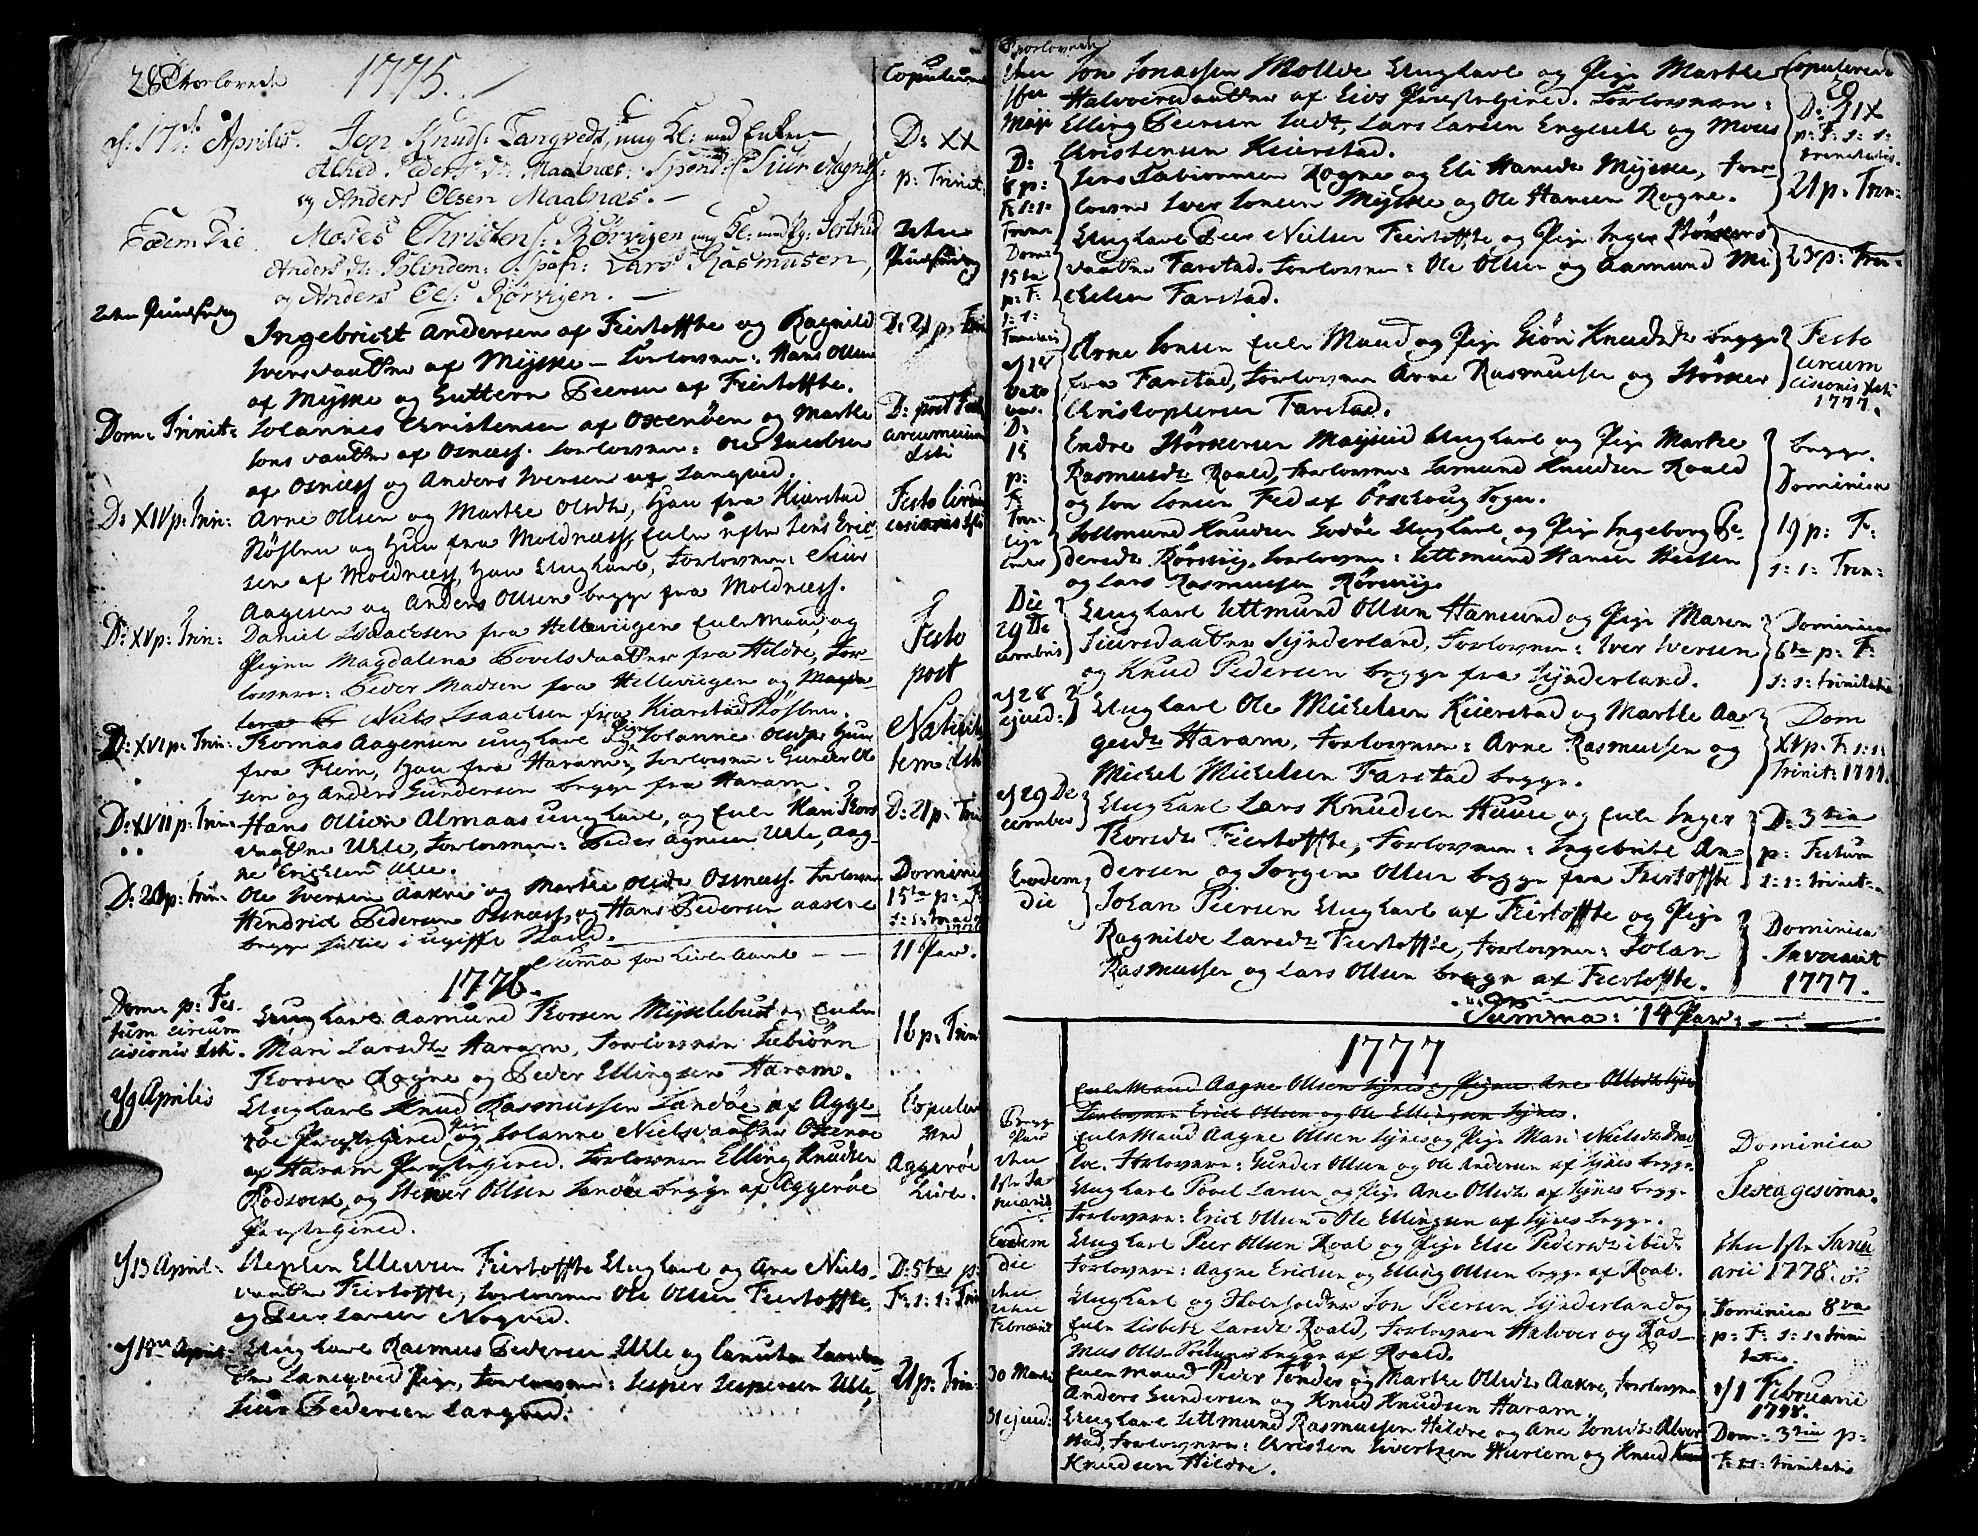 SAT, Ministerialprotokoller, klokkerbøker og fødselsregistre - Møre og Romsdal, 536/L0493: Ministerialbok nr. 536A02, 1739-1802, s. 28-29